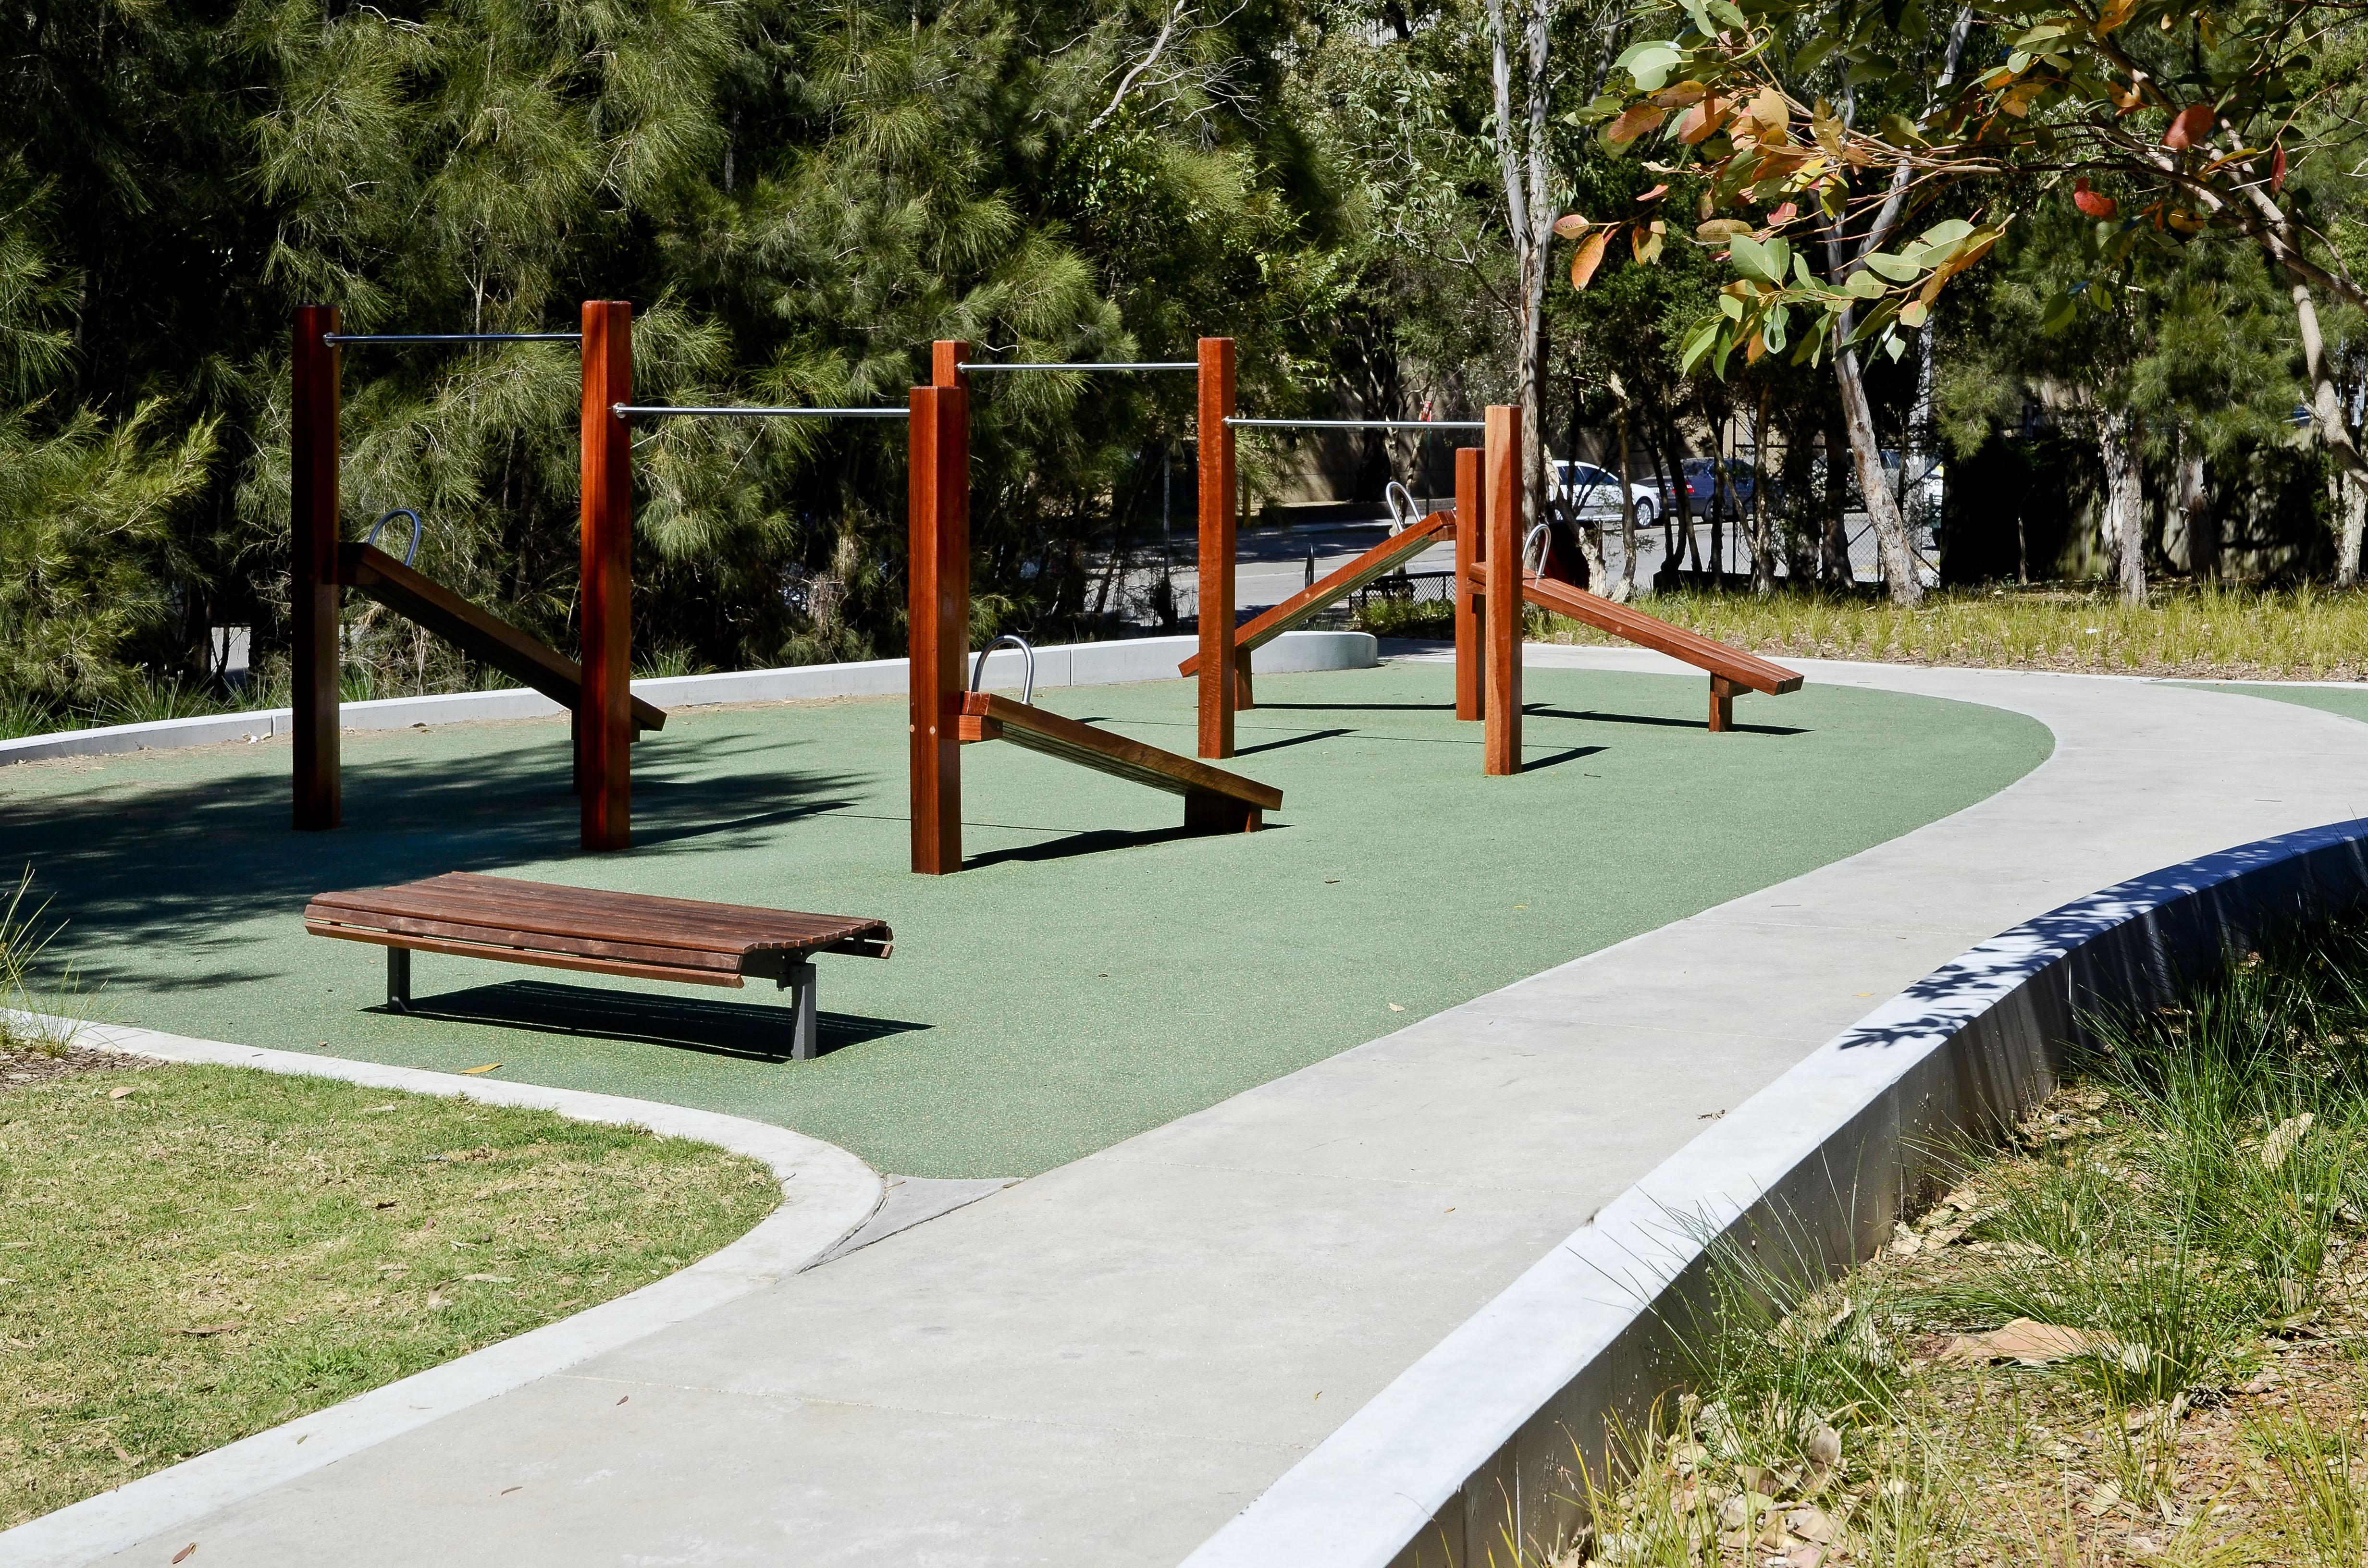 dsc3787 sydney park fitness equipment